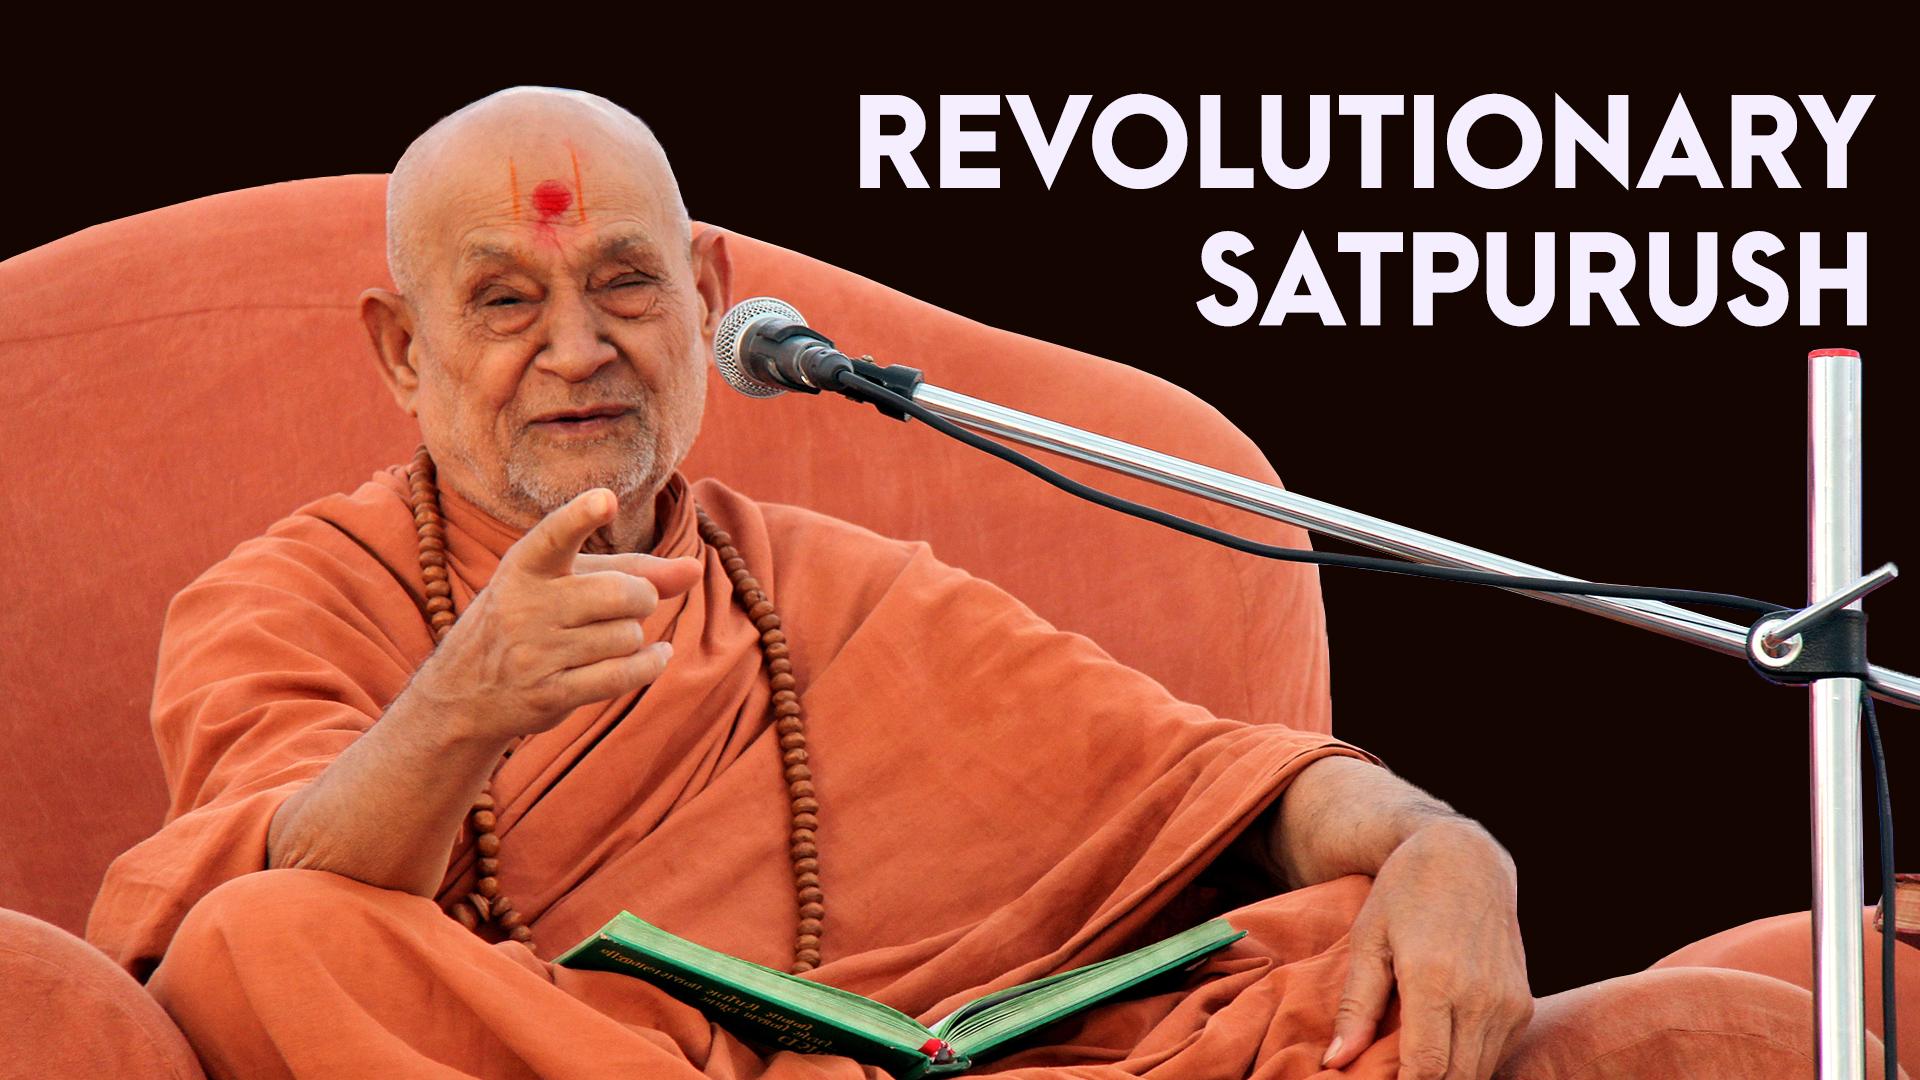 Sarvopari Shuddh Upasana Na Yug Pravartak | Gurudev HDH Bapji | Revolutionary Satpurush